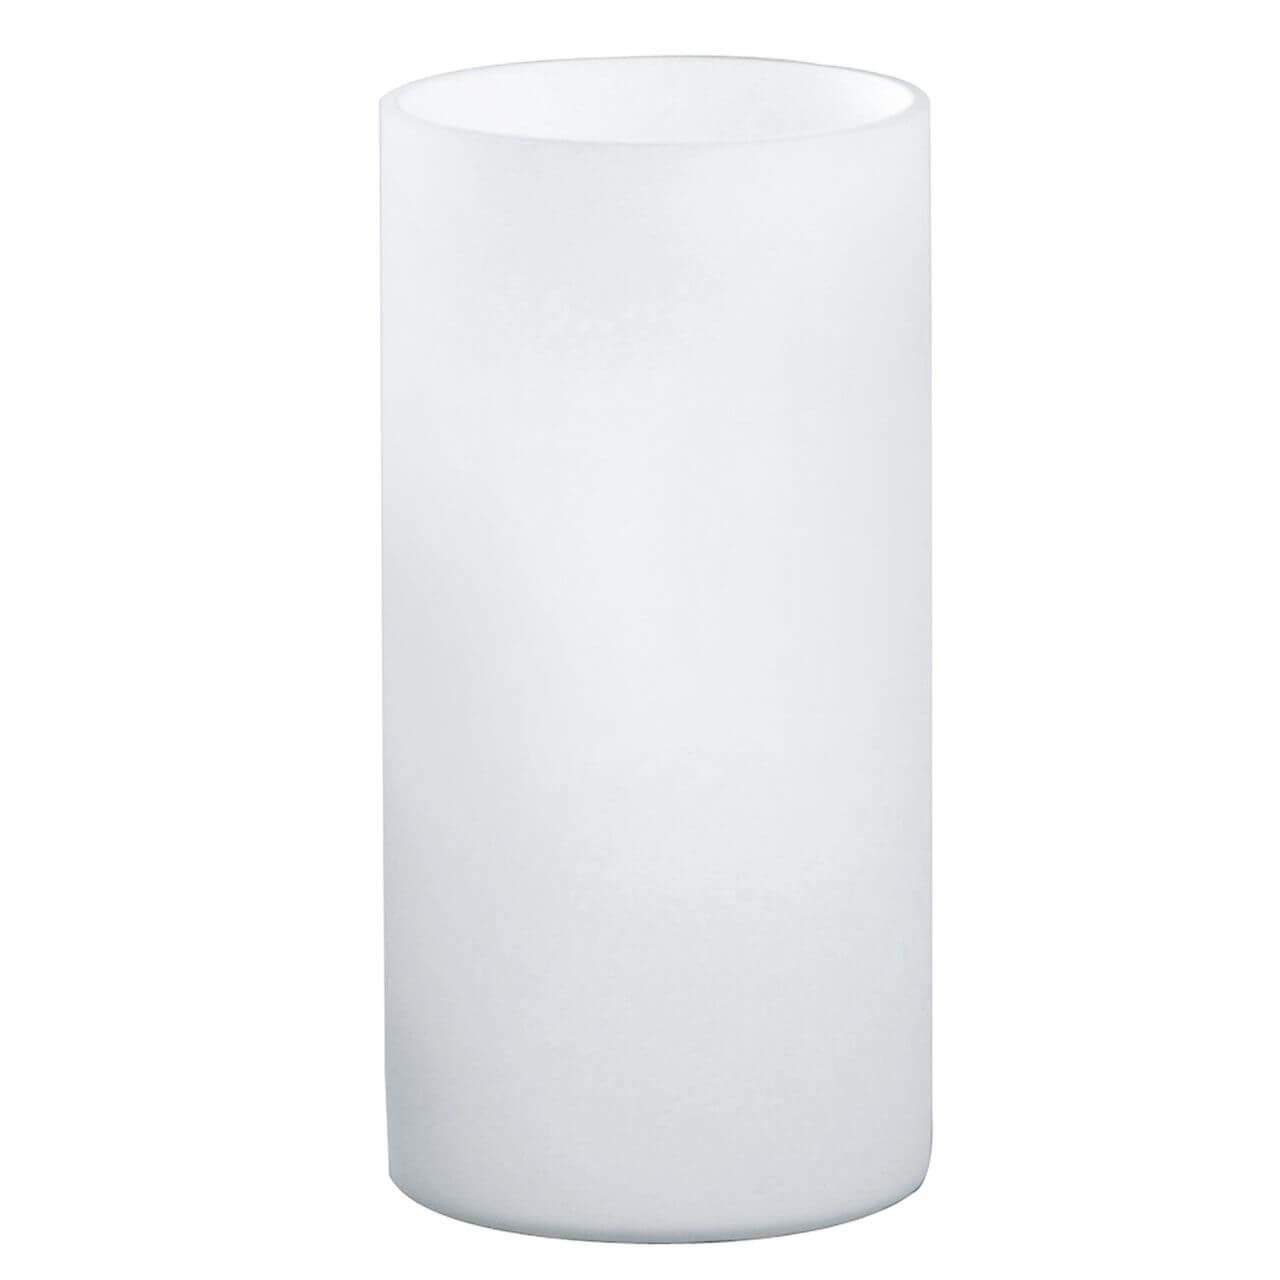 Настольный светильник Eglo 81827, E14, 60 Вт цена